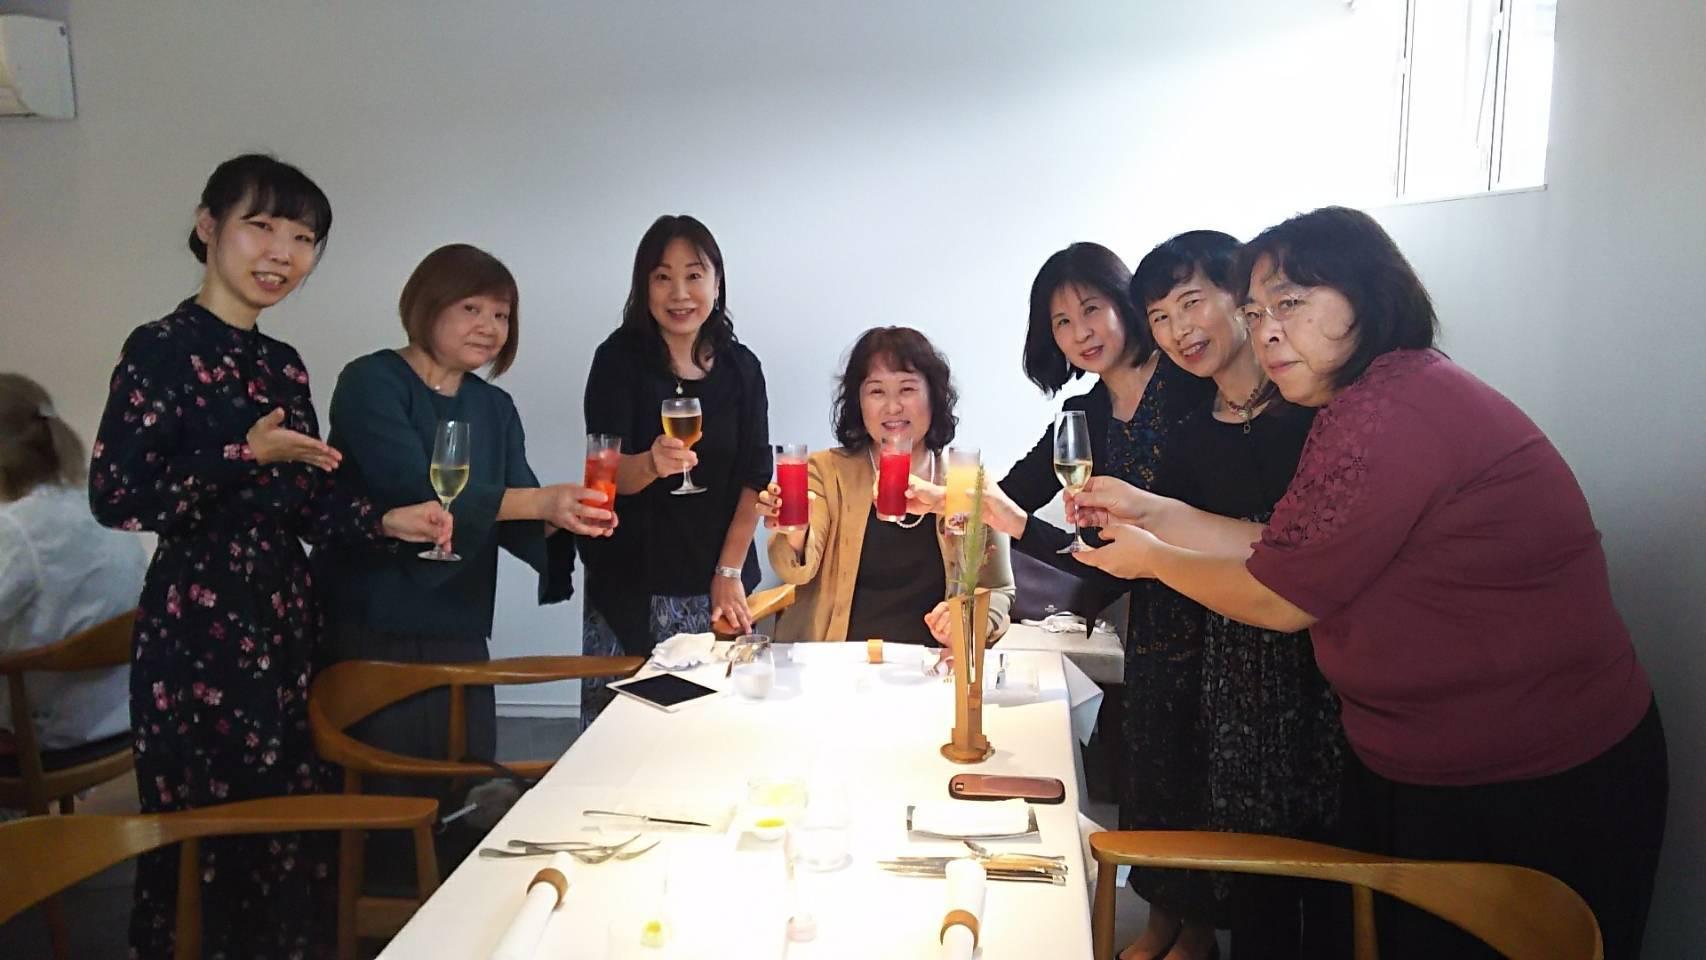 お菓子教室20周年記念ランチパーティー_e0071324_20445198.jpeg